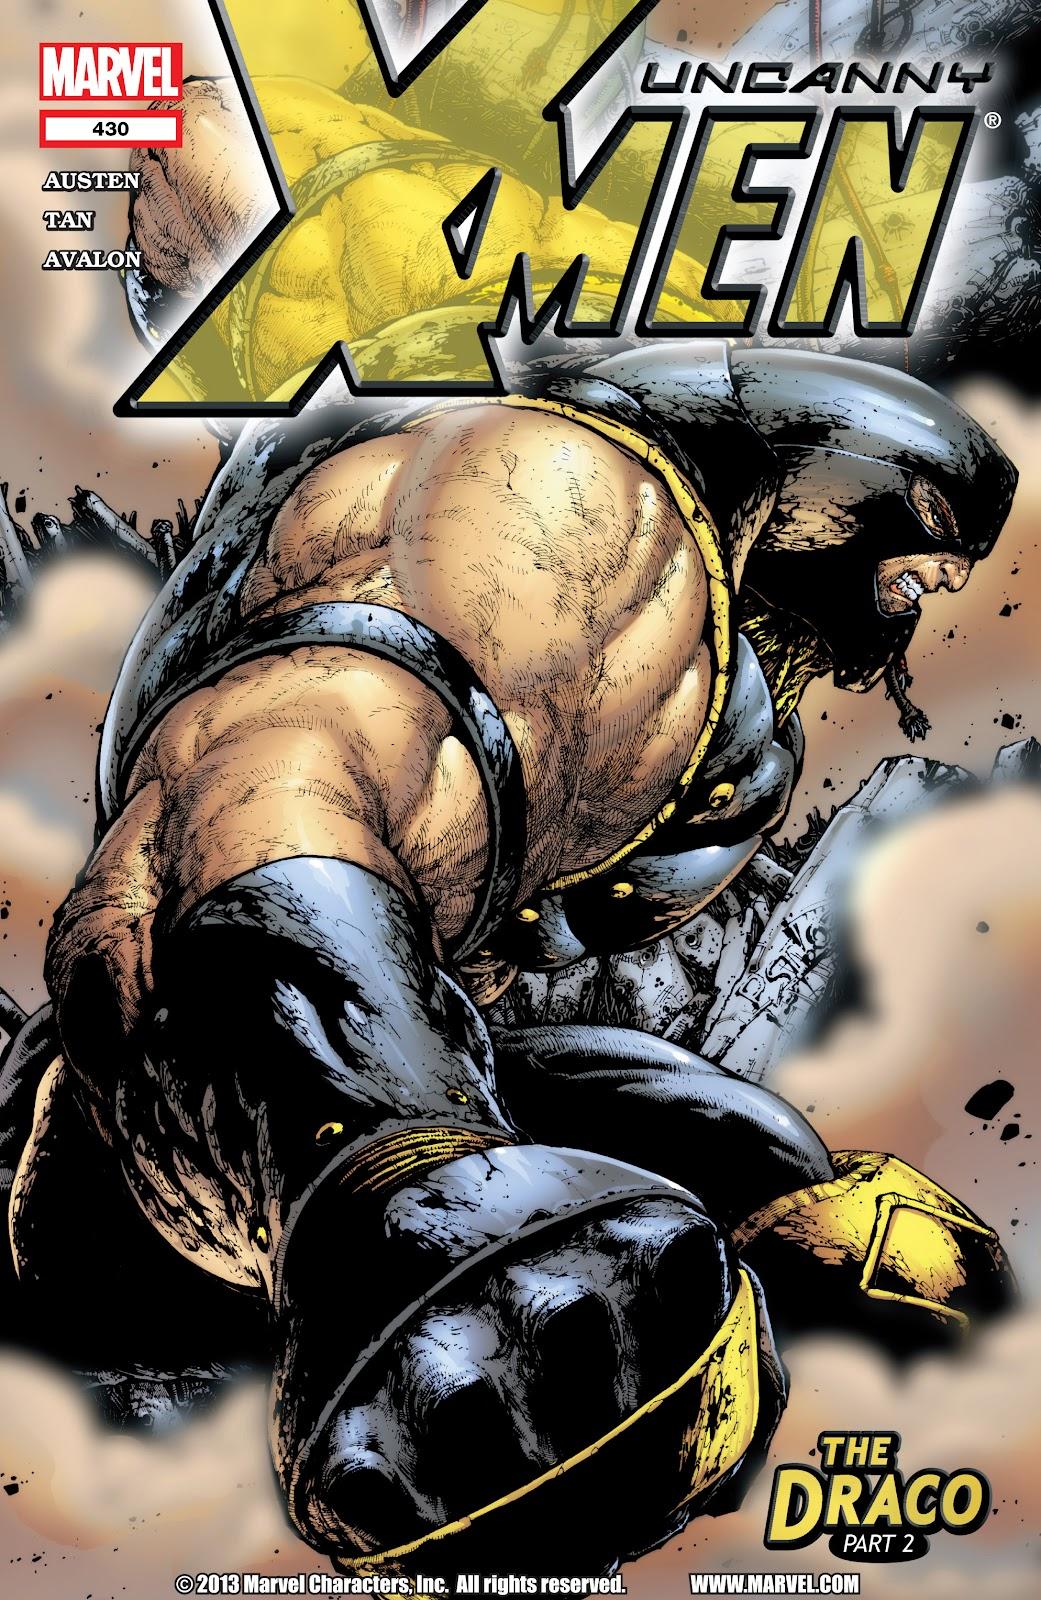 Uncanny X-Men (1963) 430 Page 1